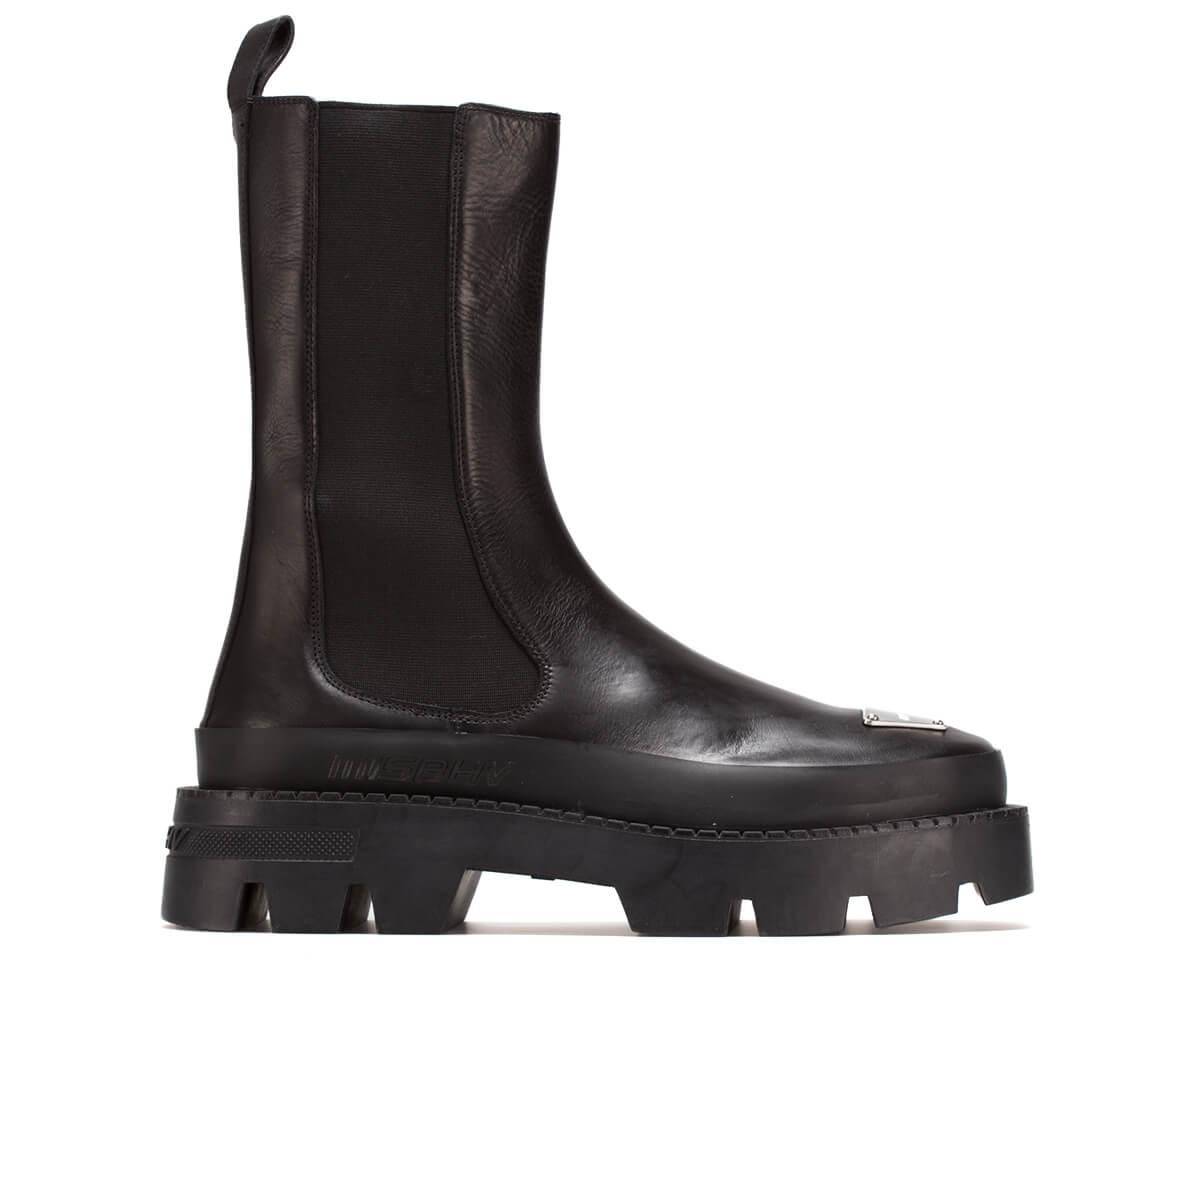 MISBHV Chelsea Combat Boots